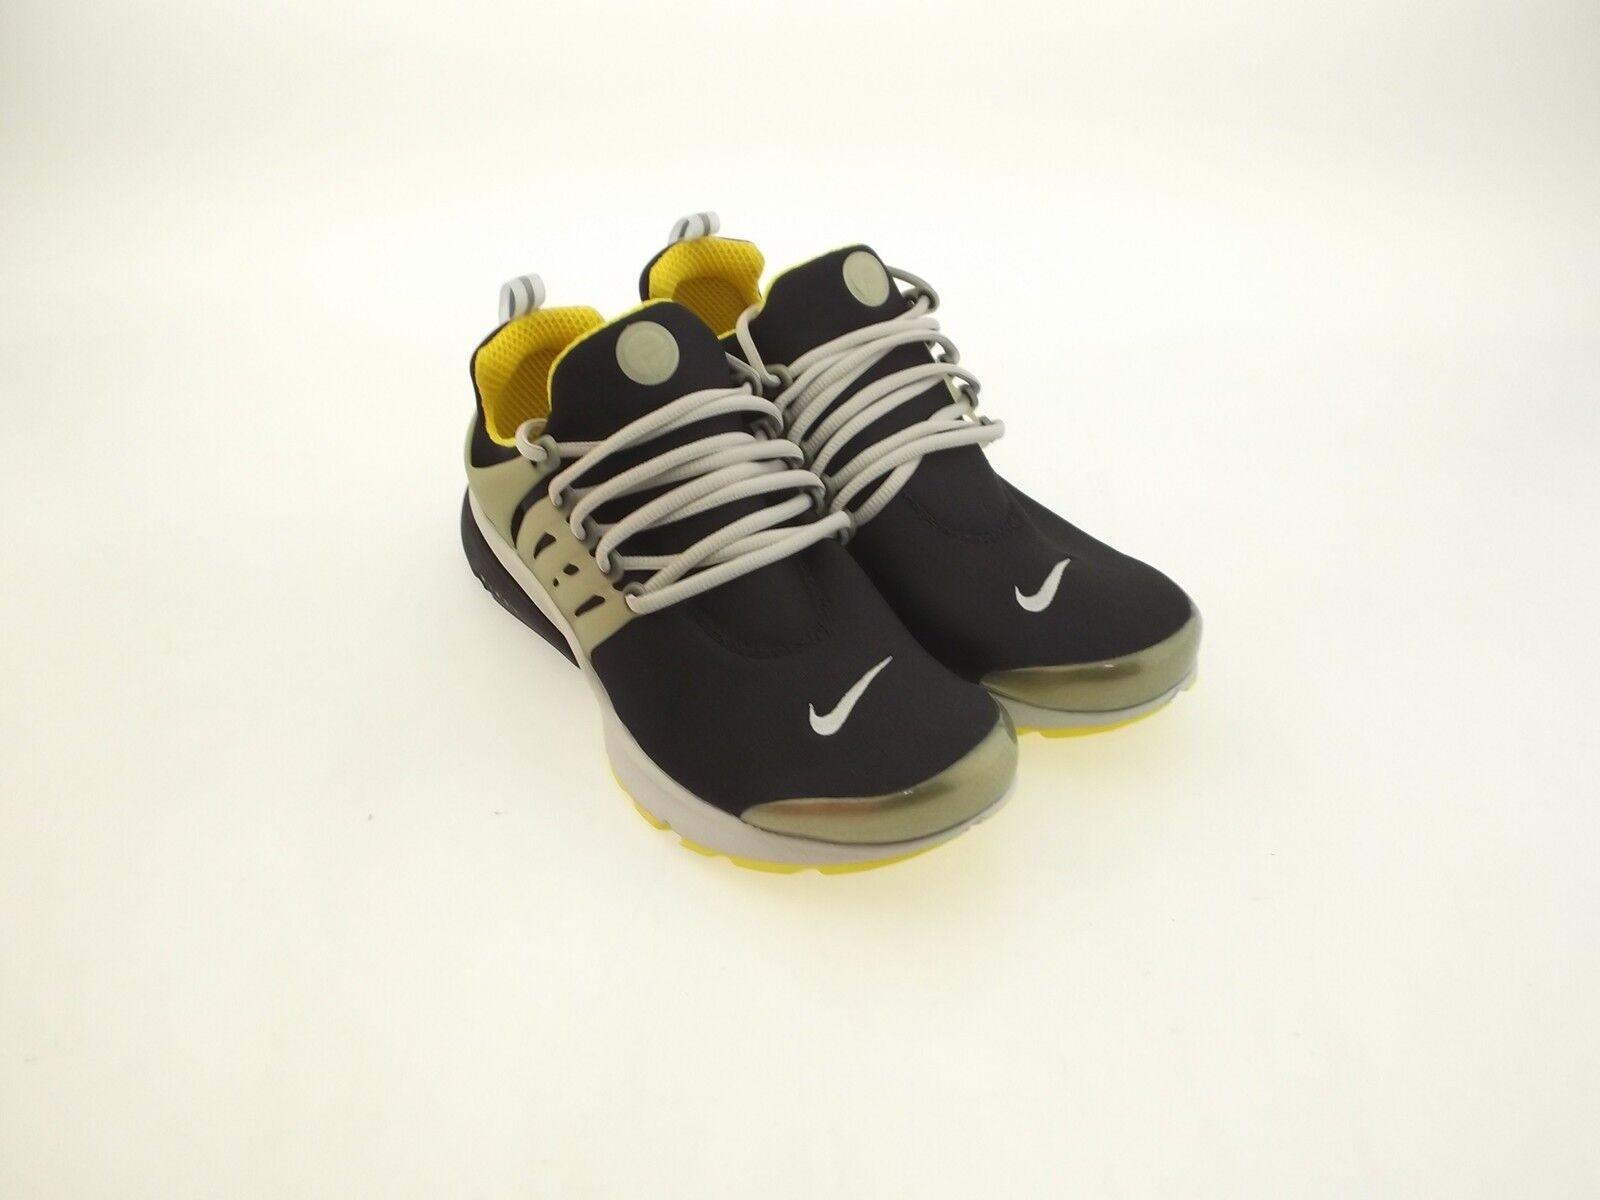 Nike air presto - männer schwarz - gelben streifen ntrl grau